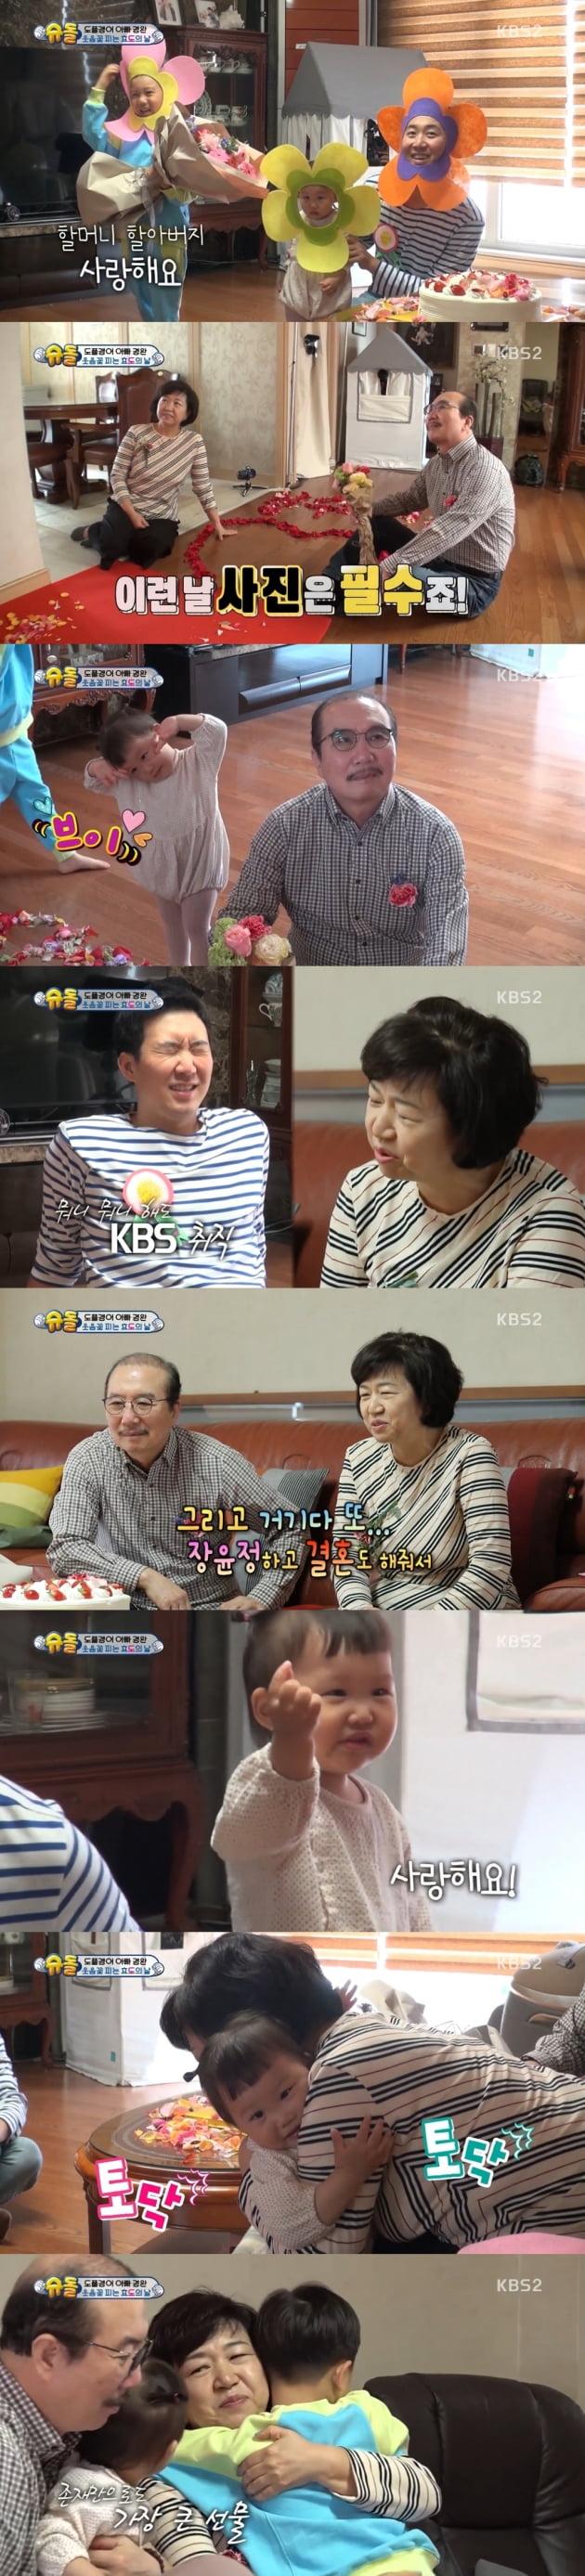 지난 3일 방송된 '슈돌'/ 사진=KBS2 제공